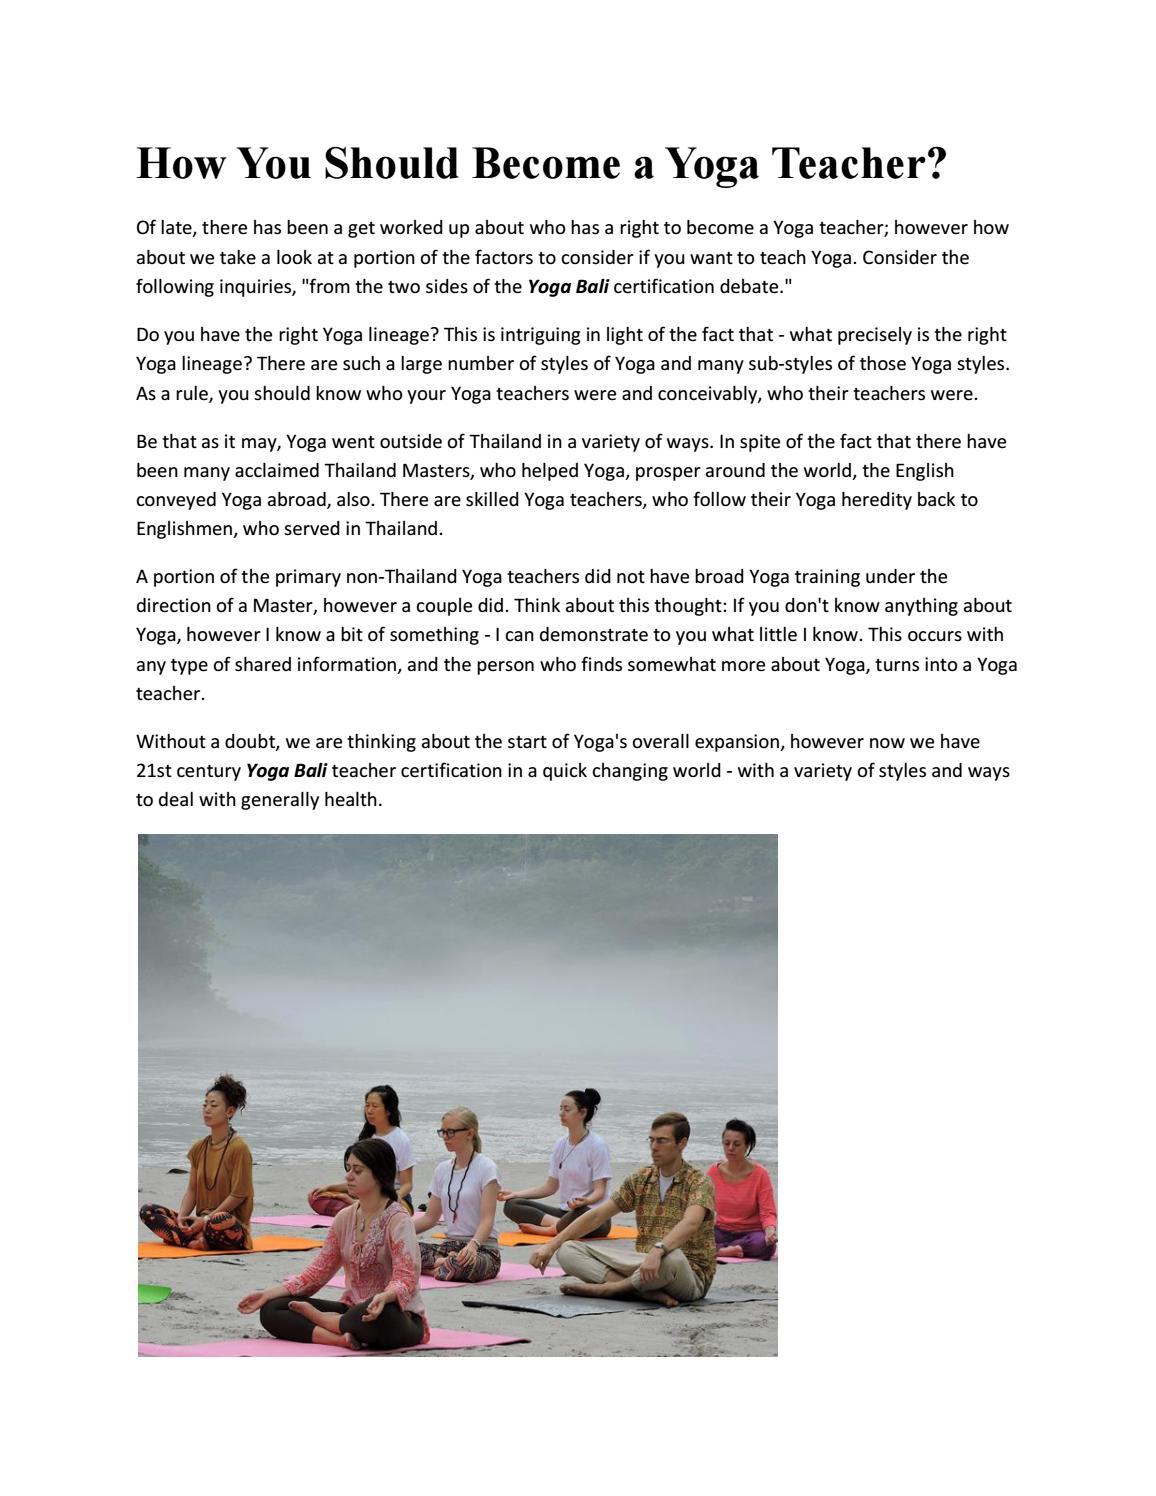 How You Should Become A Yoga Teacher By Elliotj366 Issuu